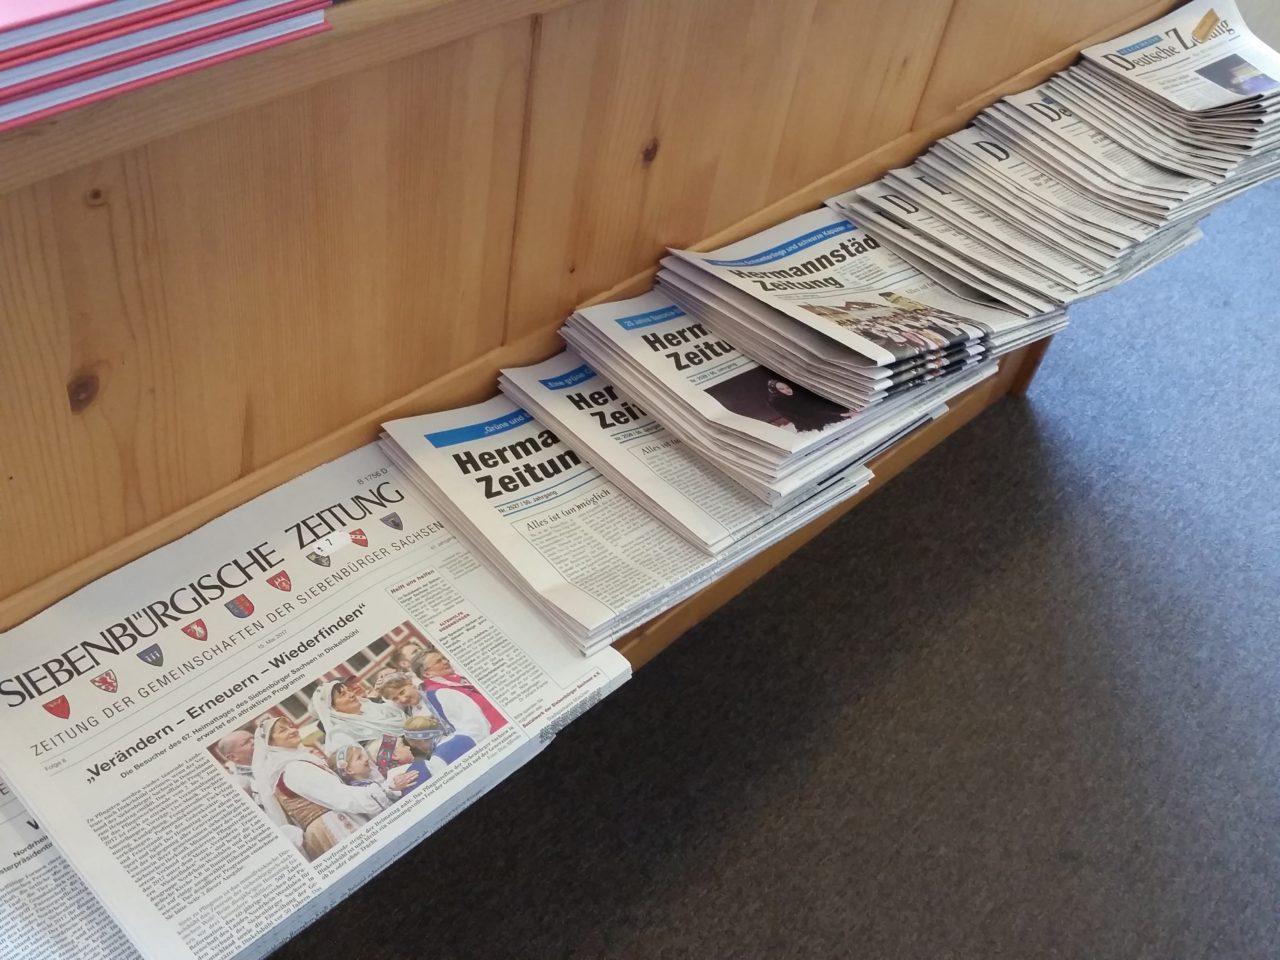 In Rumänien gibt es mehrere deutschsprachige Zeitungen / Peggy Lohse